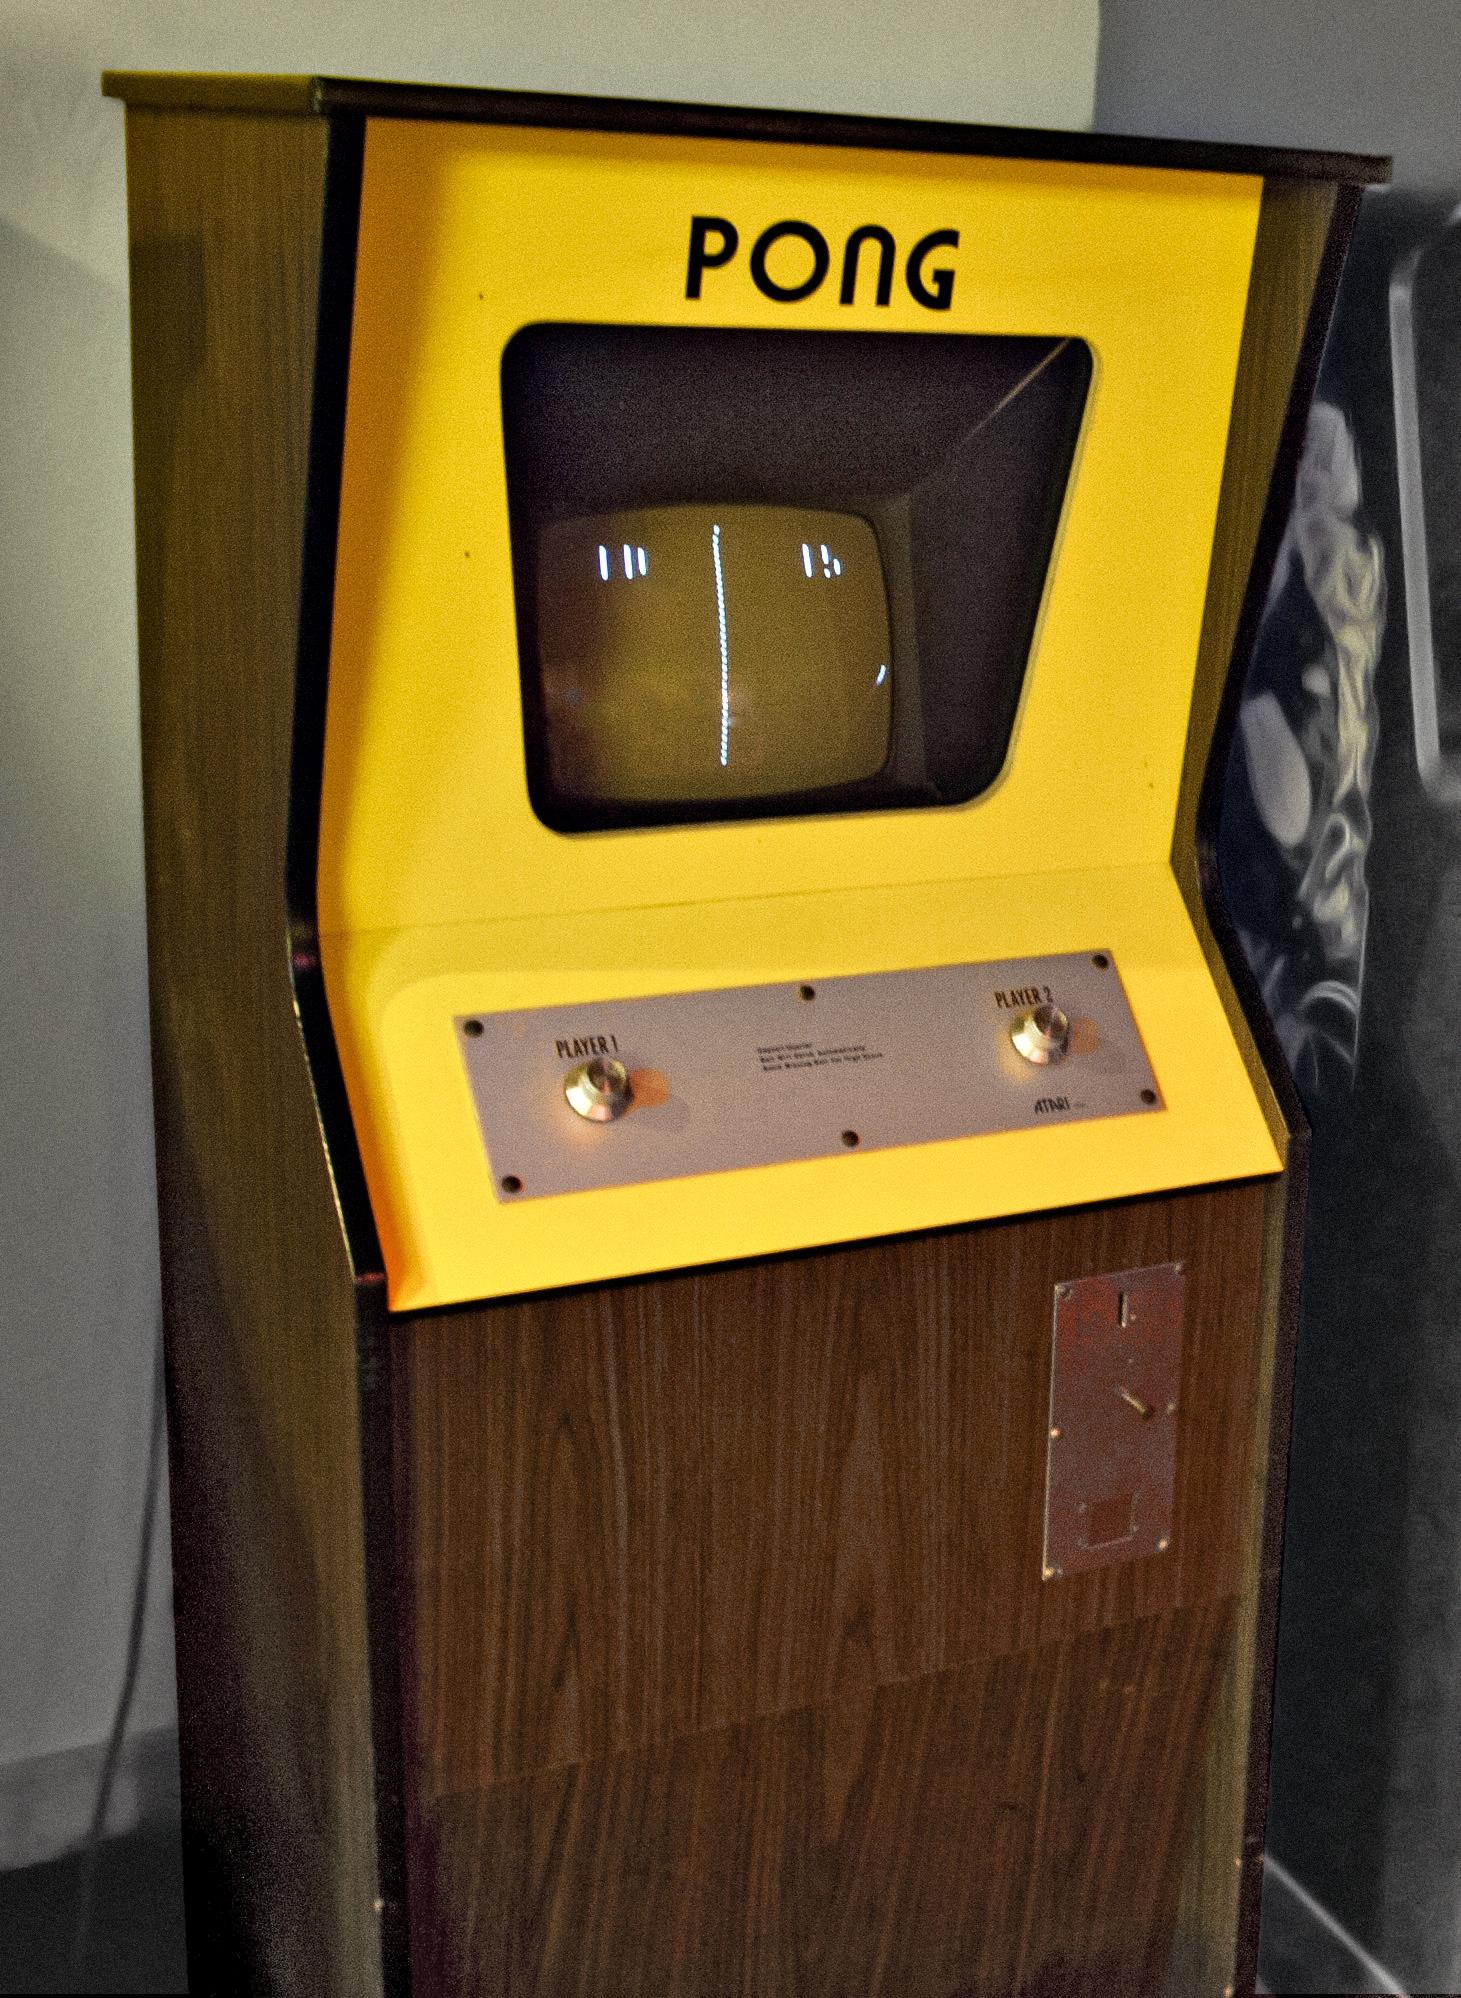 Pong della Atari, il primo gioco ad avere una musica apposita.